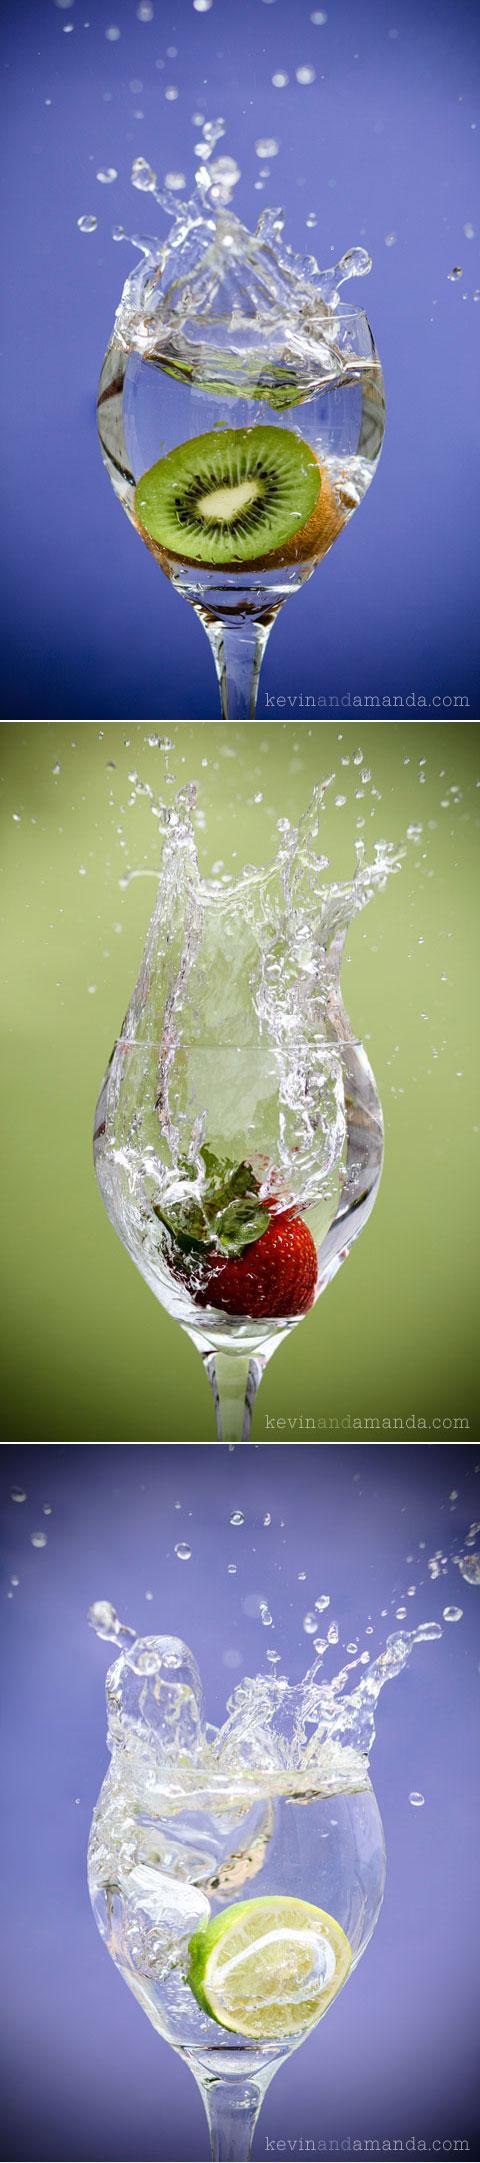 FREE High-Res downloads of this Splashing Fruit Photo Series! (No Watermark!!!)